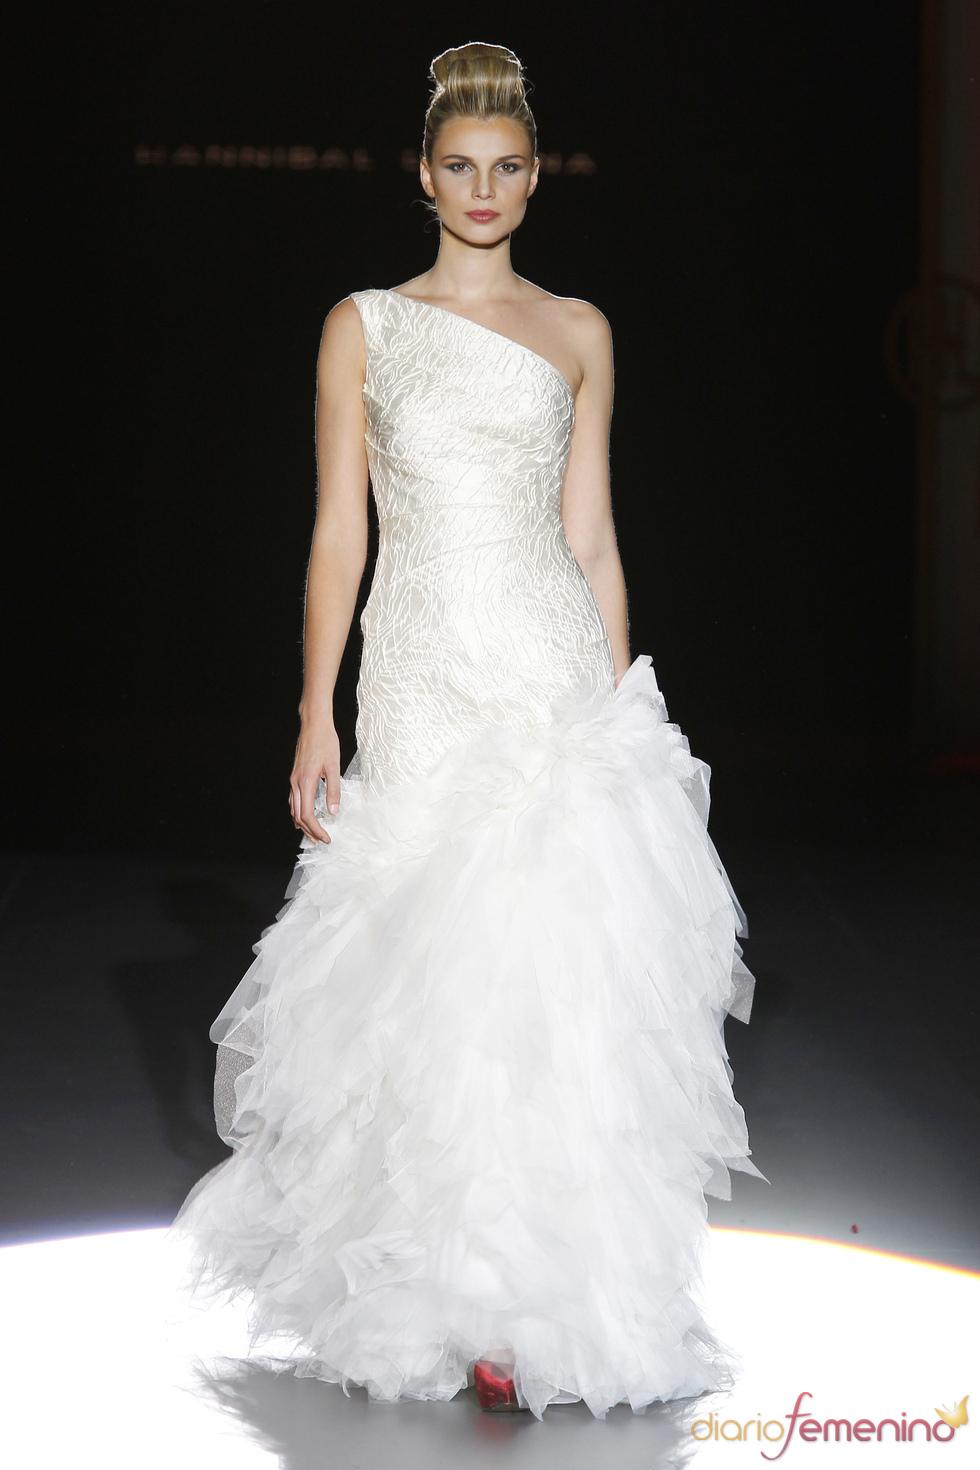 Hannibal Laguna y sus vestidos de novia